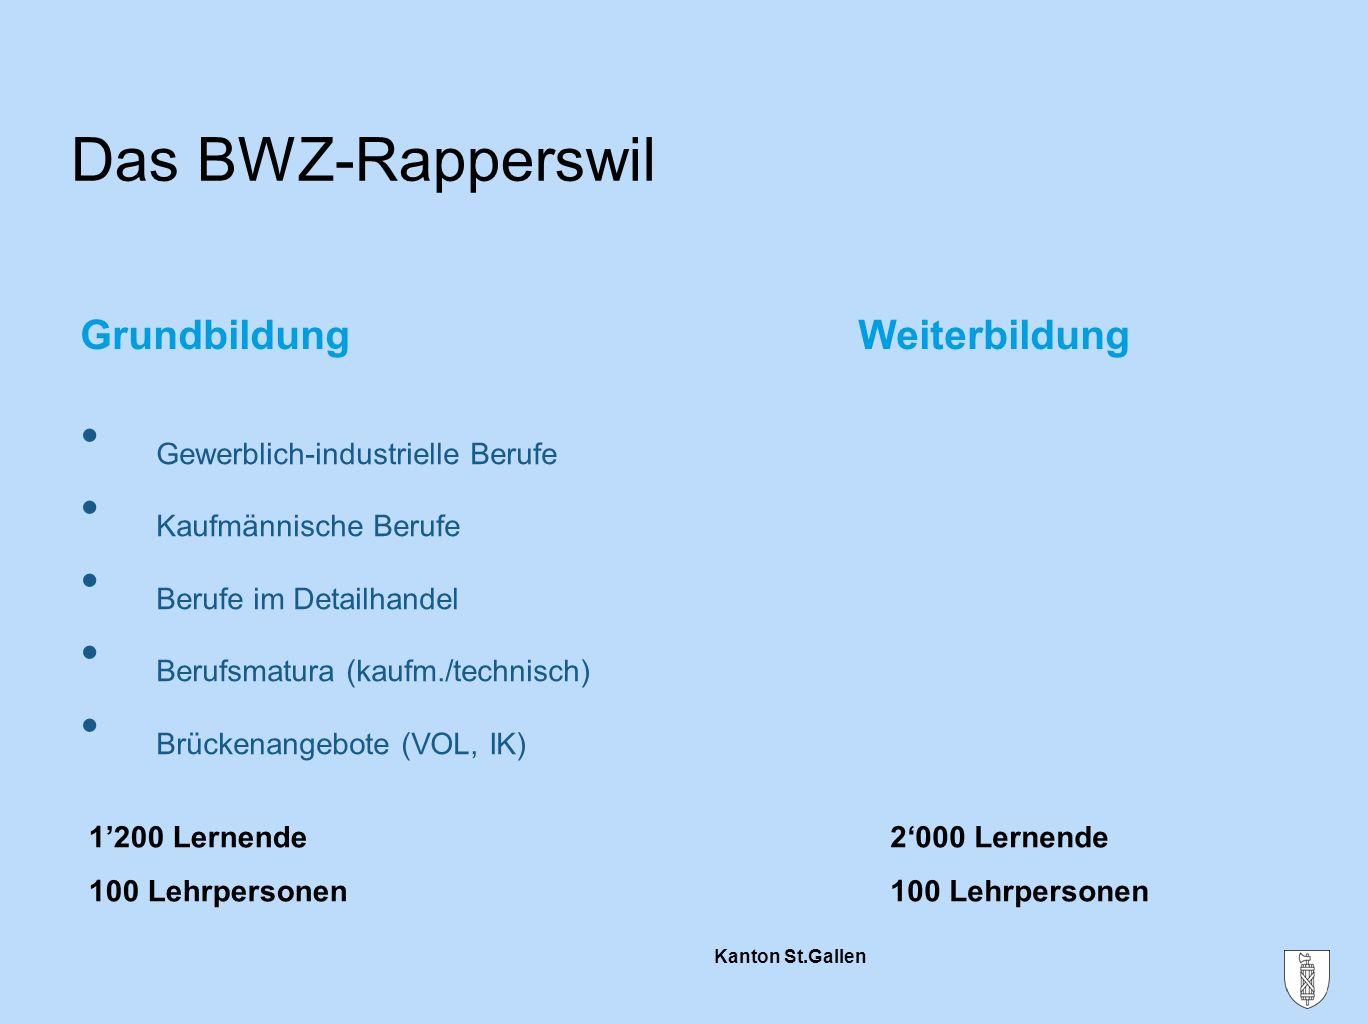 Kanton St.Gallen Das BWZ-Rapperswil Grundbildung Gewerblich-industrielle Berufe Kaufmännische Berufe Berufe im Detailhandel Berufsmatura (kaufm./techn